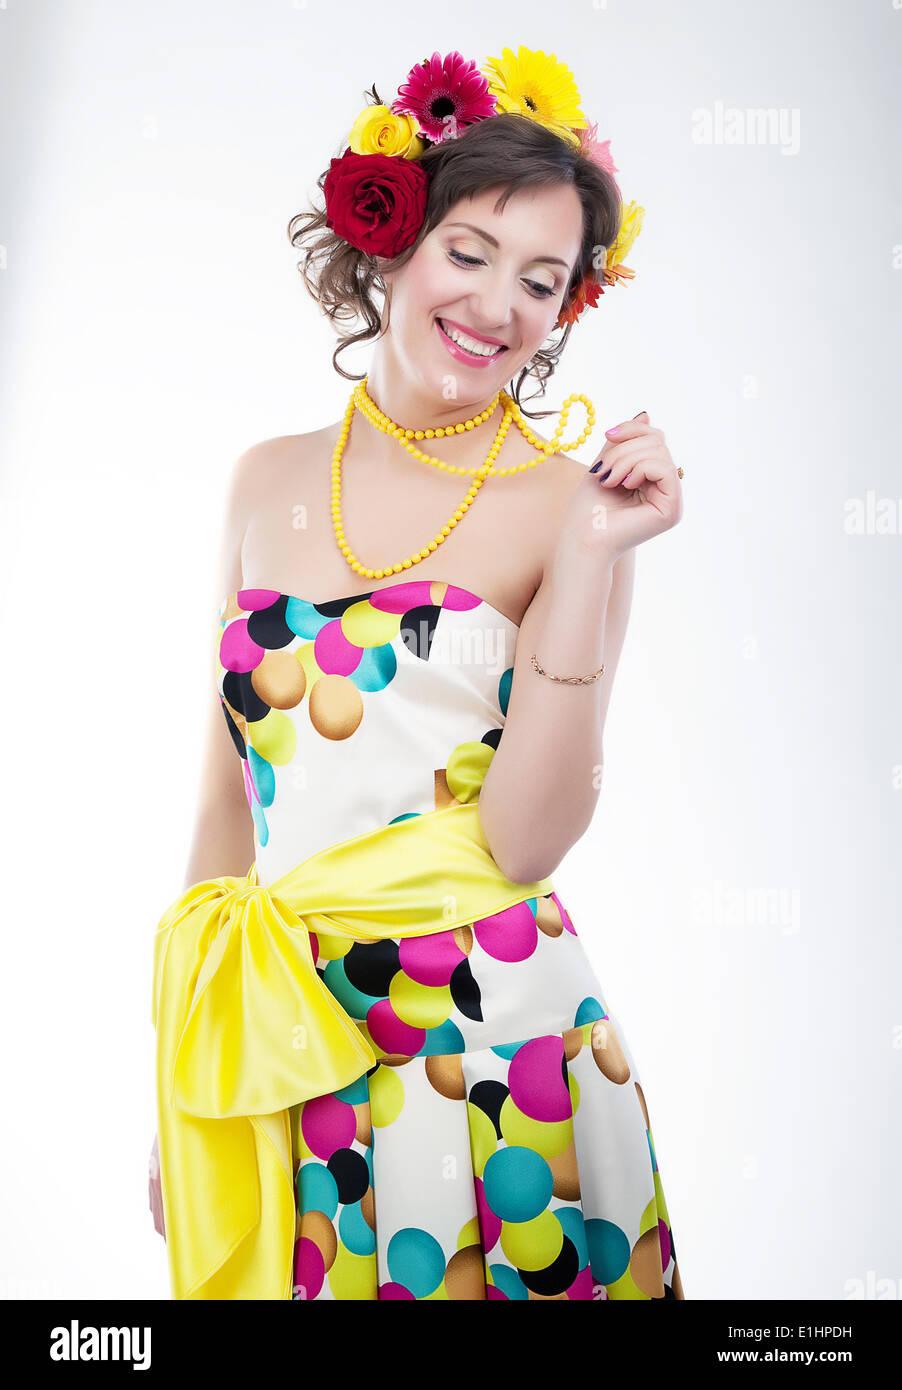 Beauté - heureux vernal jeune femme en robe lumineuse colorée. Série de photos Photo Stock